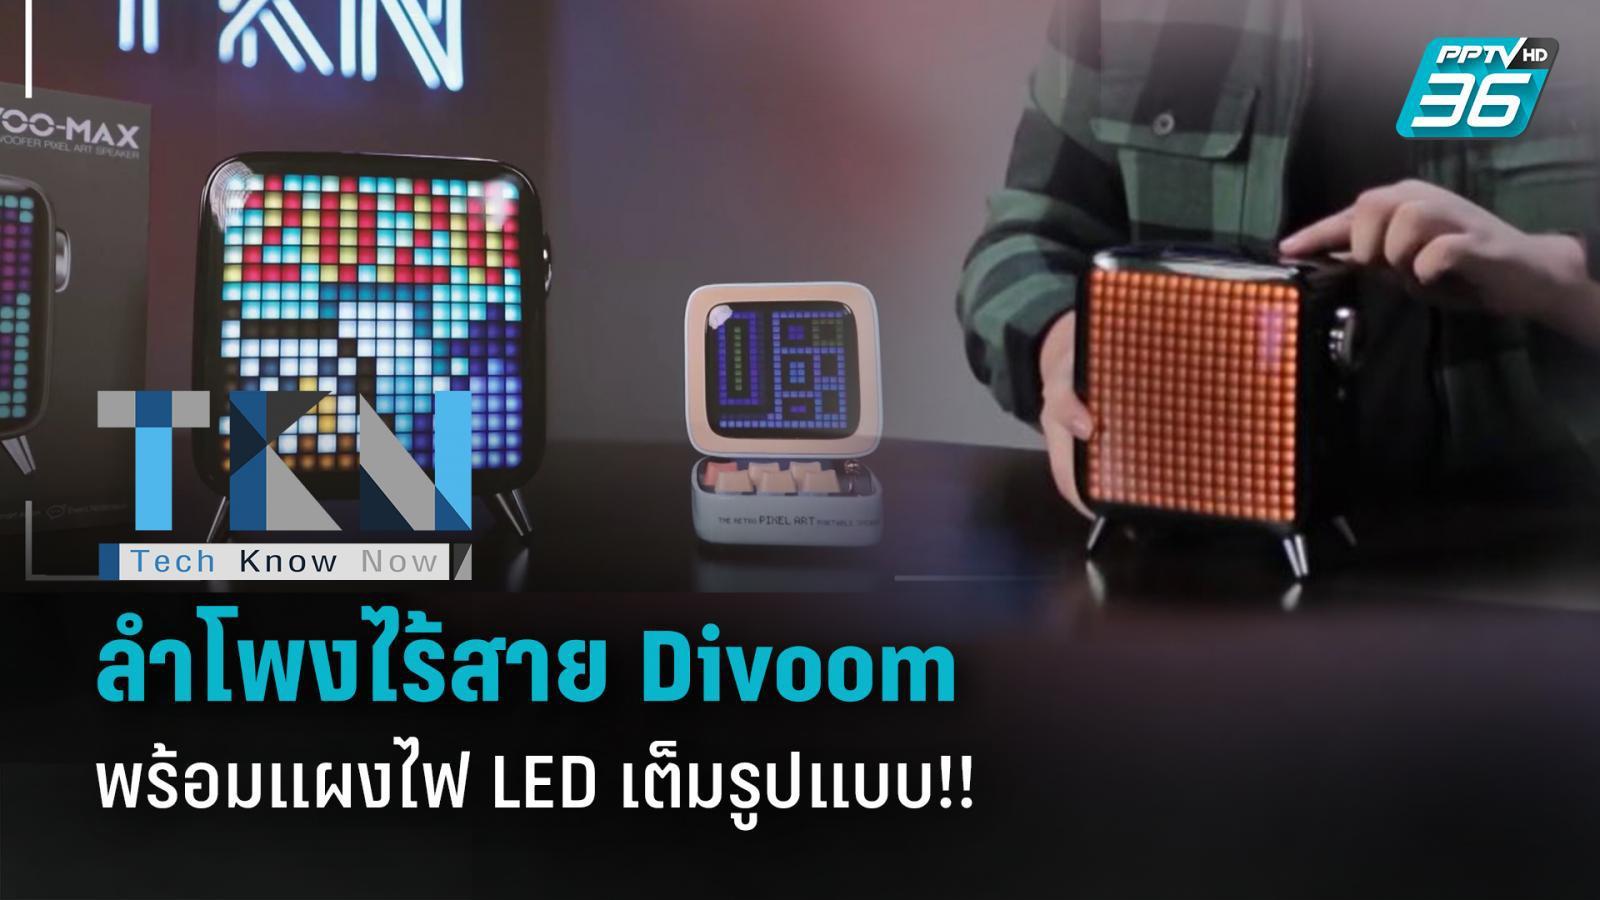 ลำโพงไร้สาย Divoom พร้อมแผงไฟ LED เต็มรูปแบบ!!